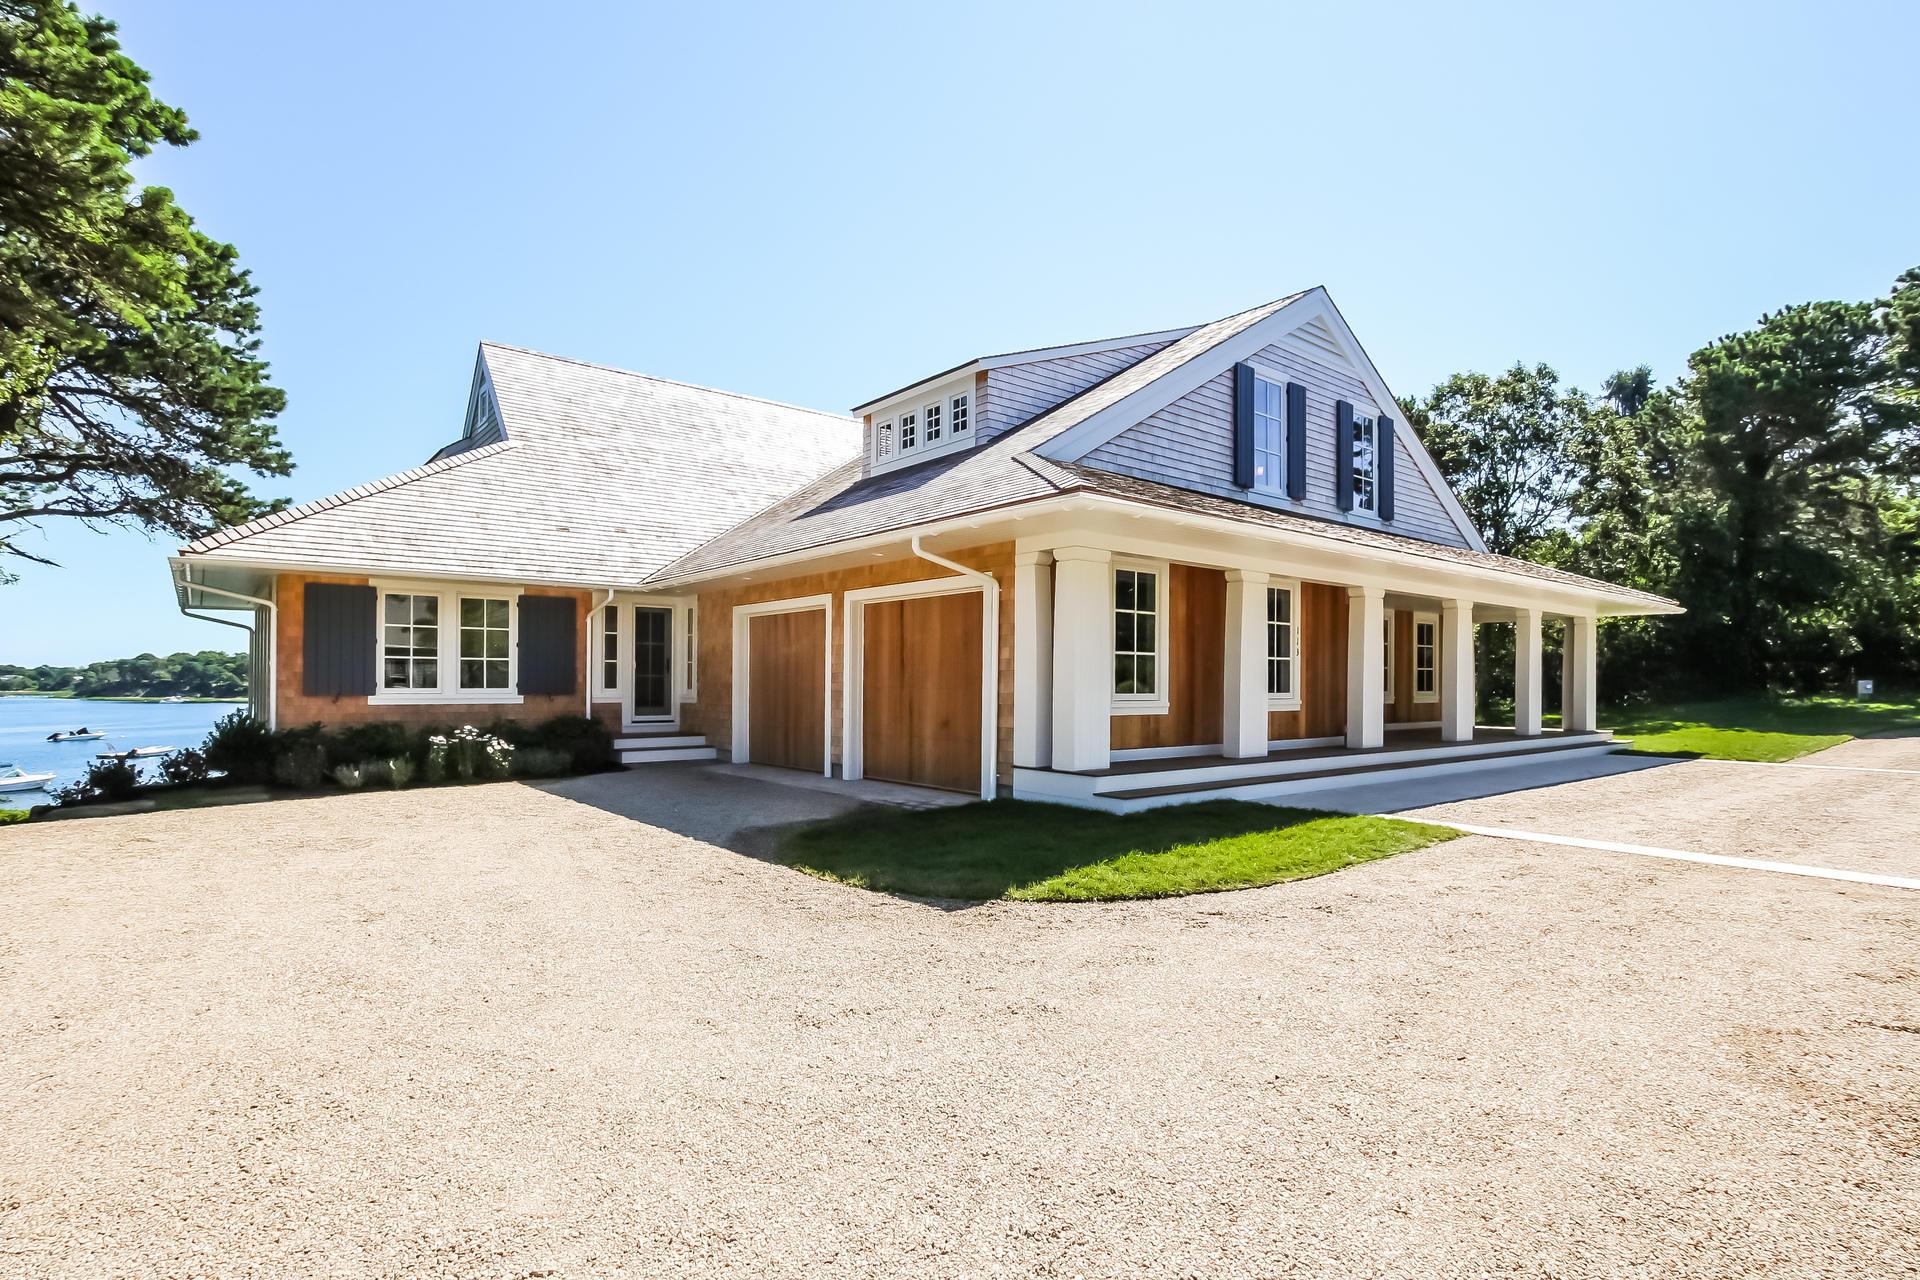 Новая постройка для того Продажа на $5,695,000.00 - 113 Seapine Road in Chatham Chatham, Массачусетс,02633 Соединенные Штаты